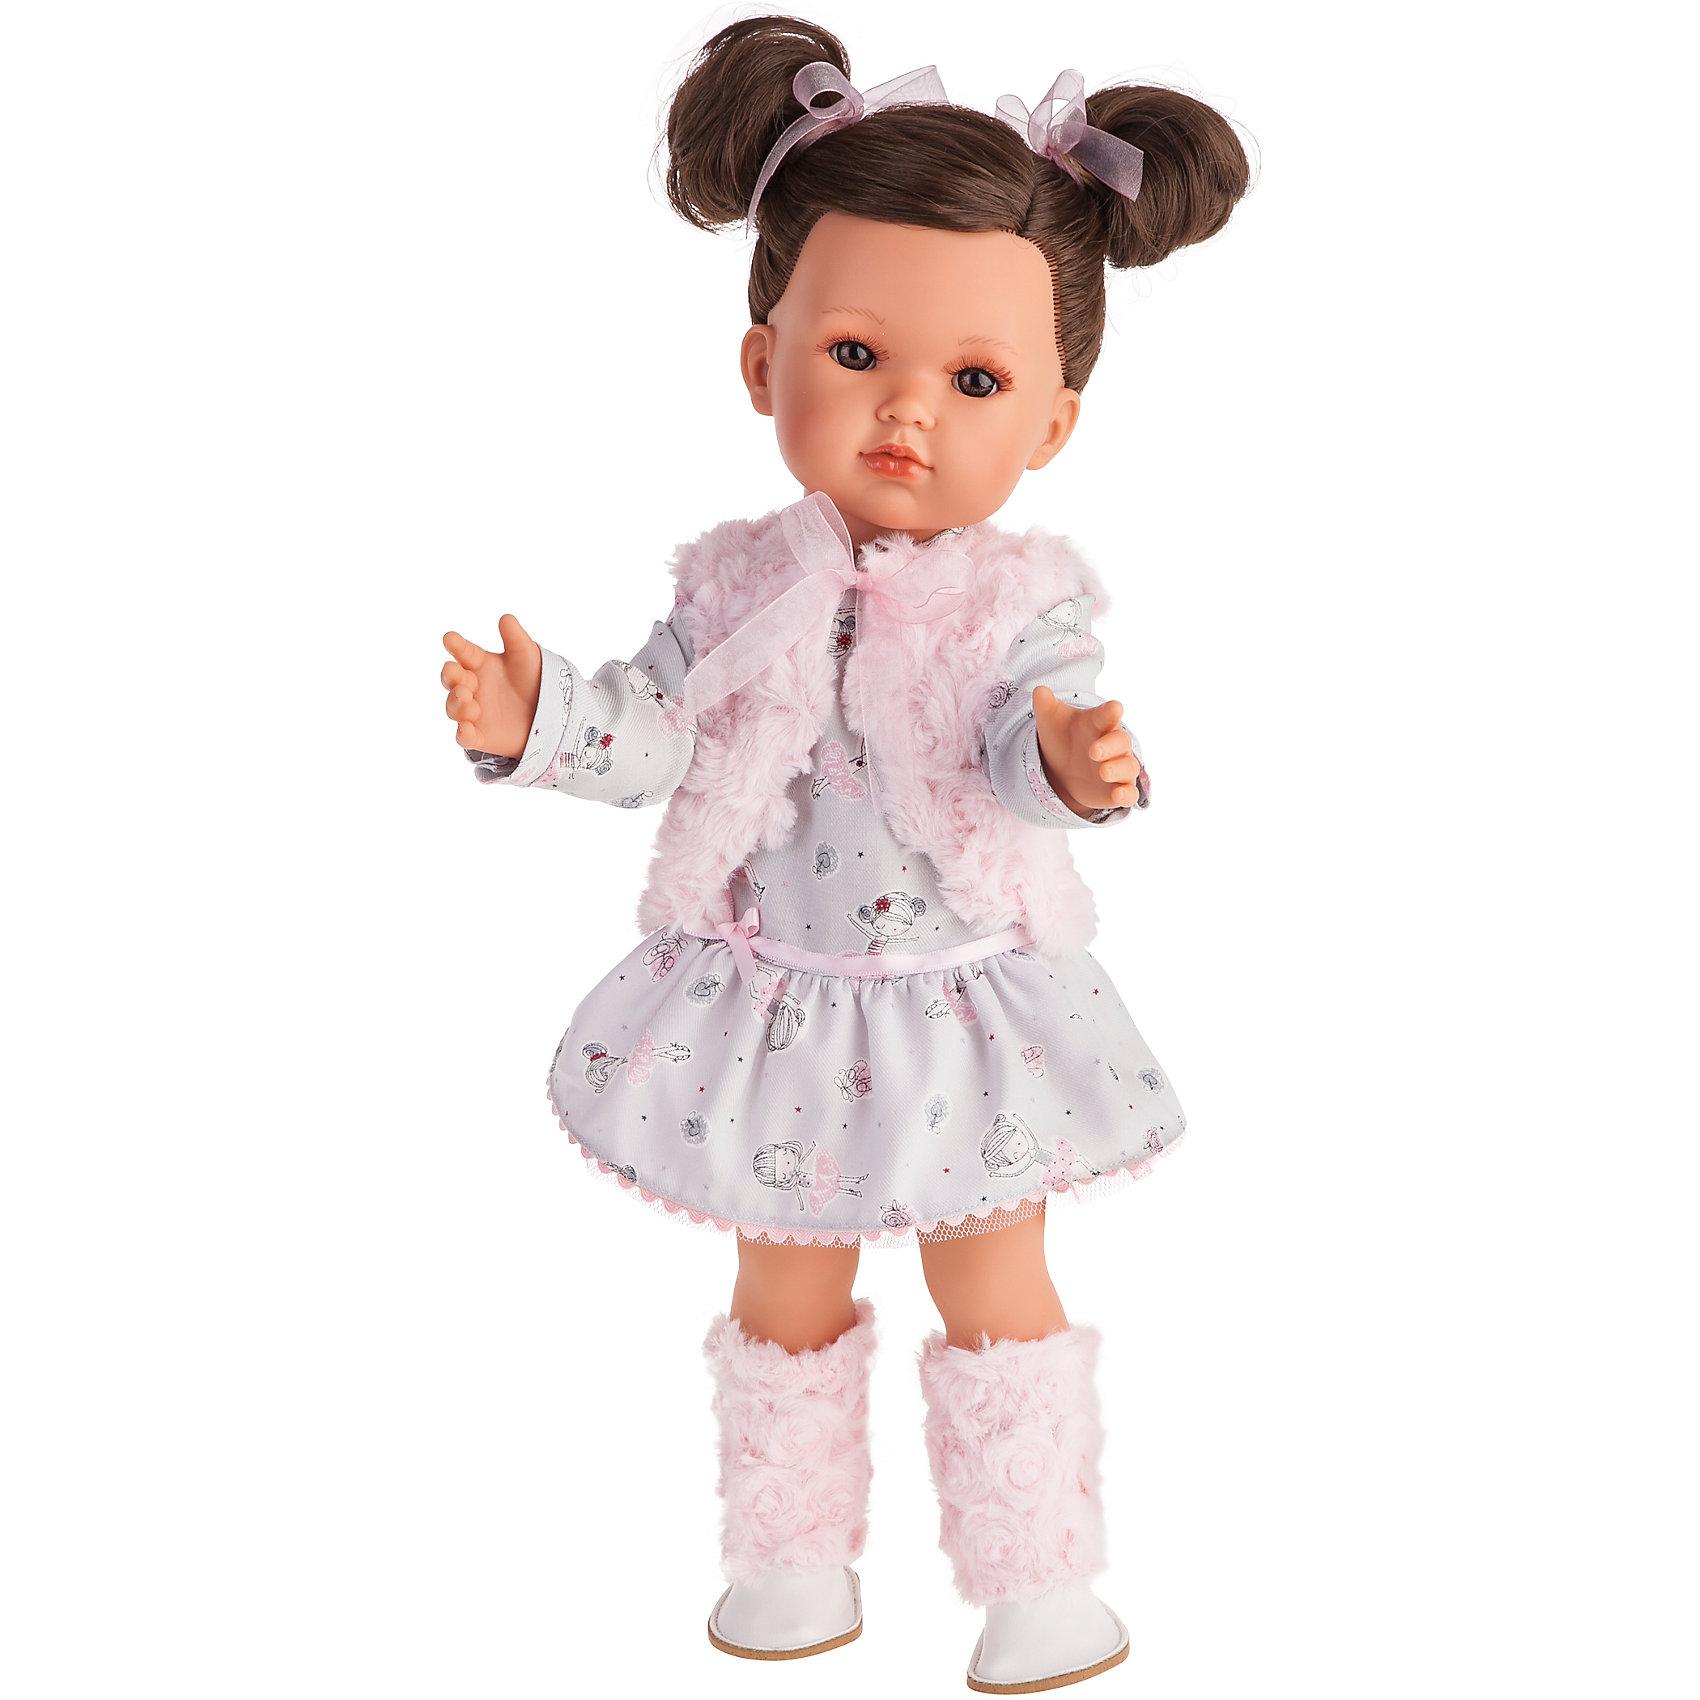 Белла в розовом жилете, 45 см, Munecas Antonio JuanБренды кукол<br>Белла в розовом жилете, 45 см, Munecas Antonio Juan (Мунекас от Антонио Хуан) ? это новый образ серии кукол от всемирно известного испанского бренда Мунекас от Антонио Хуан, который знаменит своими реалистичными куклами. Кукла изготовлена из винила высшего качества с добавлением силикона. Это куклы в образе подросших девочек, которые уже умеют разбираться в стильной одежде и правильно подбирать комплекты в зависимости от сезона. Эти куклы имеют стройную фигуру и милые выражения лица. Руки и ноги у куклы подвижны, голова поворачивается в стороны, глаза не закрываются. <br>Белла яркая брюнетка с большими карими глазами. Эта симпатичная юная леди непременно станет лучшей подружкой для вашей дочери.<br>Белла в розовом жилете, 45 см, Munecas Antonio Juan (Мунекас от Антонио Хуан) научит вашу девочку чувствовать стиль в одежде, отличать дизайнерские вещи и правильно подбирать комплекты.<br>Белла одета в платье с длинным рукавом, поверх которого ? стильная меховая жилетка розового цвета.  На ногах у нее высокие ботинки, отделанные мехом. Весь комплект демонстрирует нежность и очарование.<br>Куклы JUAN ANTONIO munecas (Мунекас от Антонио Хуан) ? мечта девочки любого возраста!<br><br>Дополнительная информация:<br><br>- Вид игр: сюжетно-ролевые игры <br>- Материал: винил, текстиль<br>- Высота куклы: 45 см<br>- Вес: 15 кг 250 г<br>- Особенности ухода: одежда ? ручная стирка, куклу можно купать <br><br>Подробнее:<br><br>• Для детей в возрасте: от 3 лет и до 6 лет<br>• Страна производитель: Испания<br>• Торговый бренд: JUAN ANTONIO munecas <br><br>Беллу в розовом жилете, 45 см, Munecas Antonio Juan (Мунекас от Антонио Хуан) можно купить в нашем интернет-магазине.<br><br>Ширина мм: 530<br>Глубина мм: 275<br>Высота мм: 135<br>Вес г: 1525<br>Возраст от месяцев: 36<br>Возраст до месяцев: 72<br>Пол: Женский<br>Возраст: Детский<br>SKU: 4792883